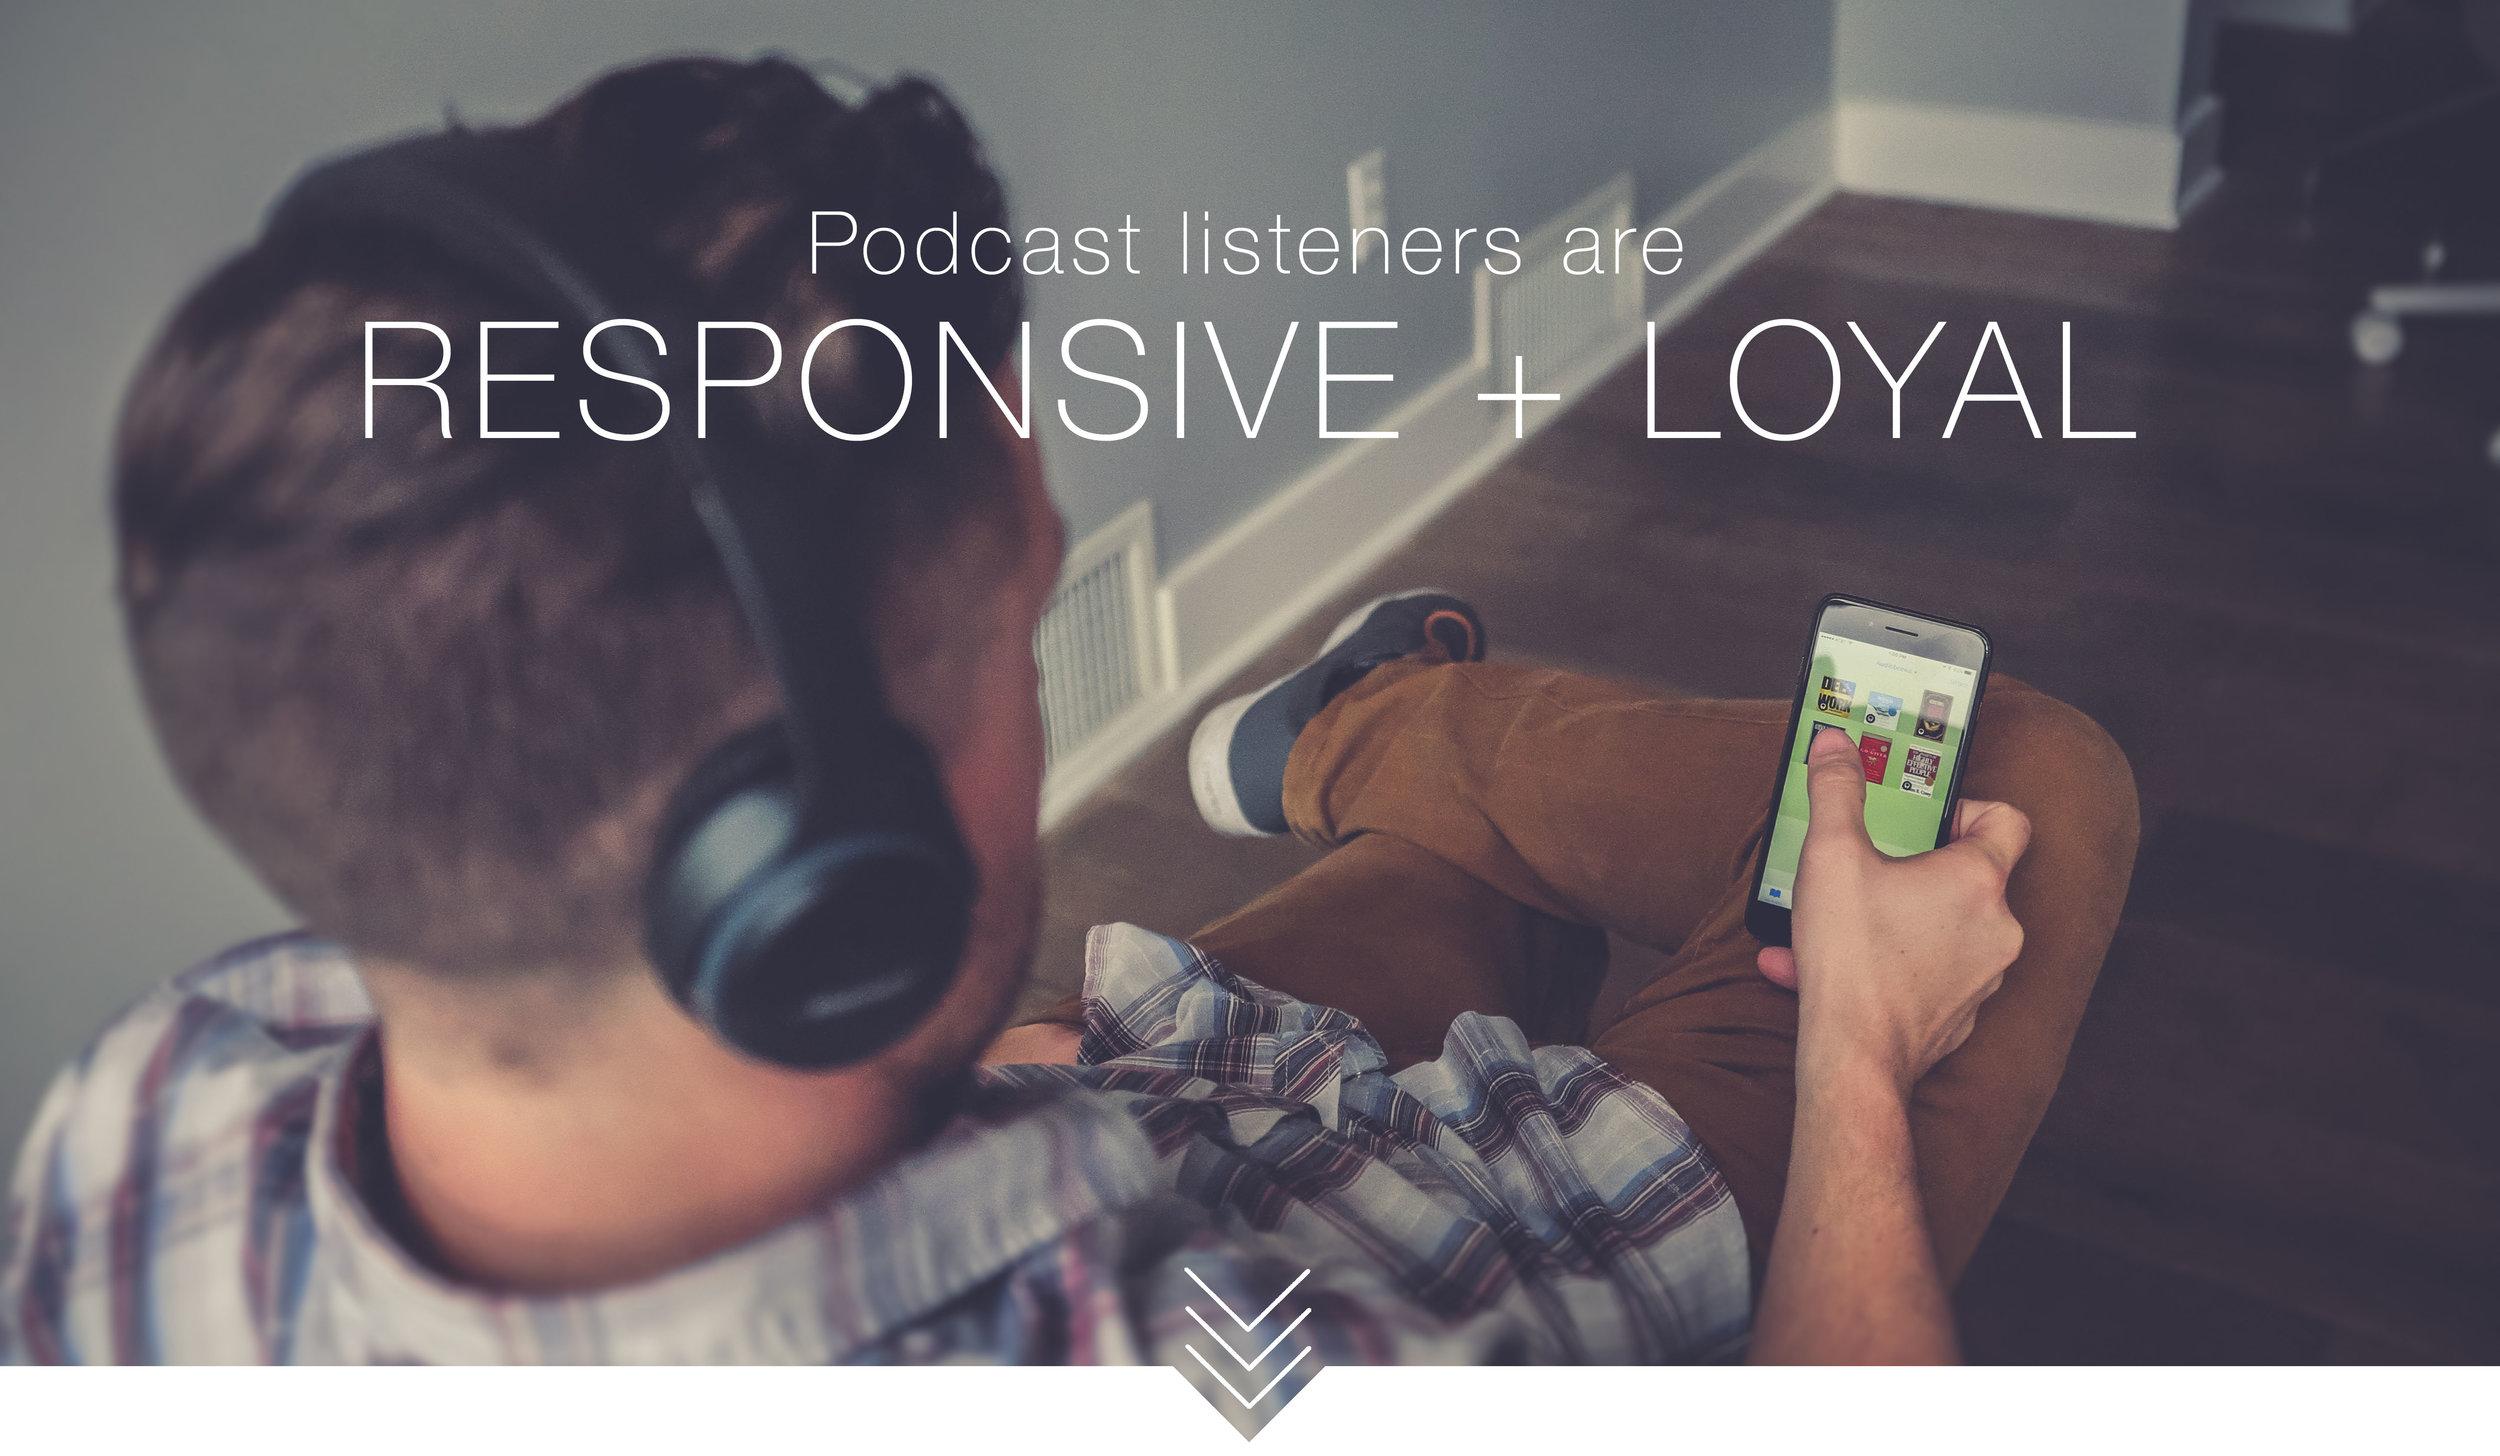 responsive and loyal